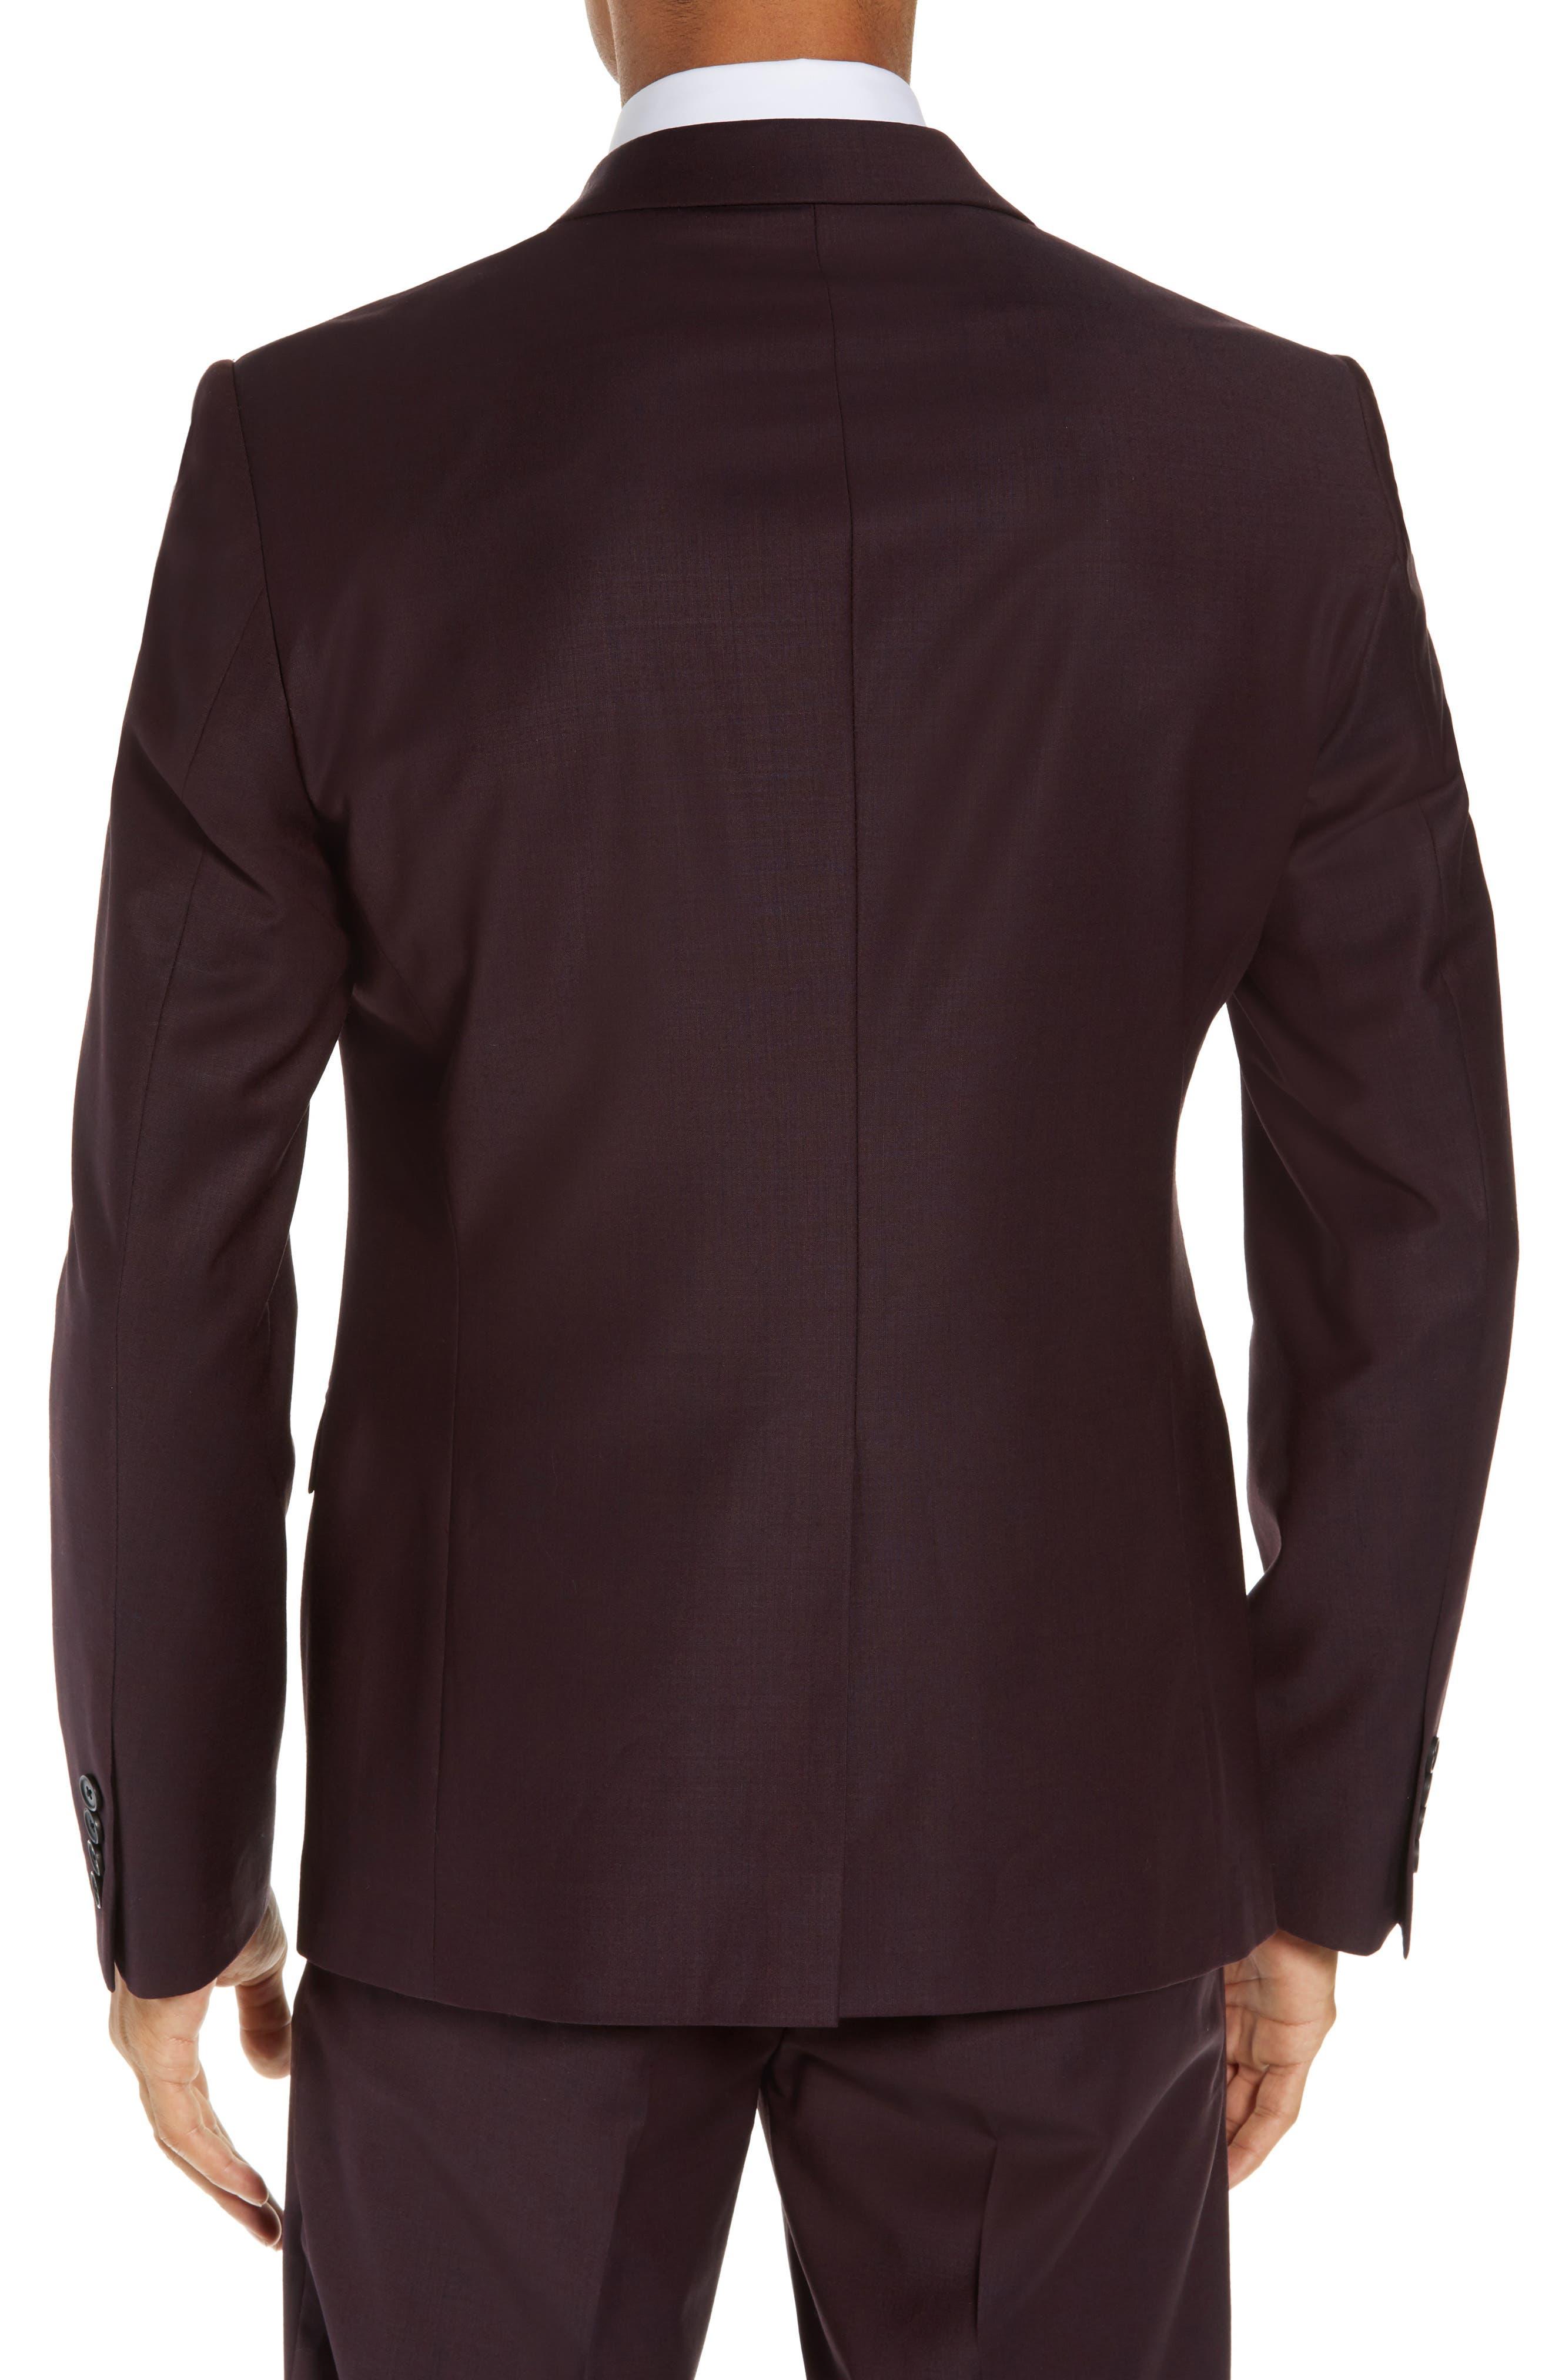 Extra Trim Fit Suit Jacket,                             Alternate thumbnail 2, color,                             BURGUNDY